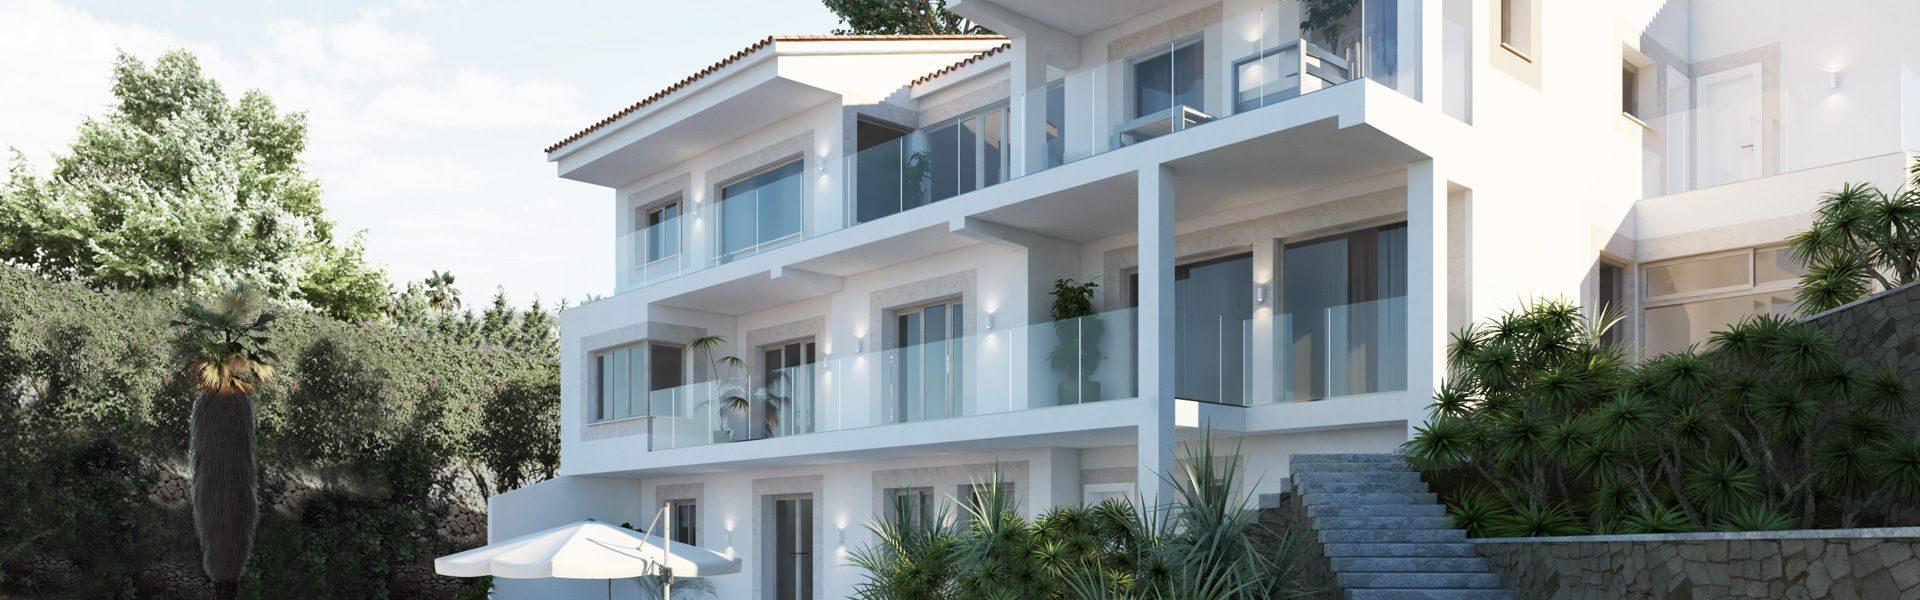 Proyecto de arquitectura vivienda nueva